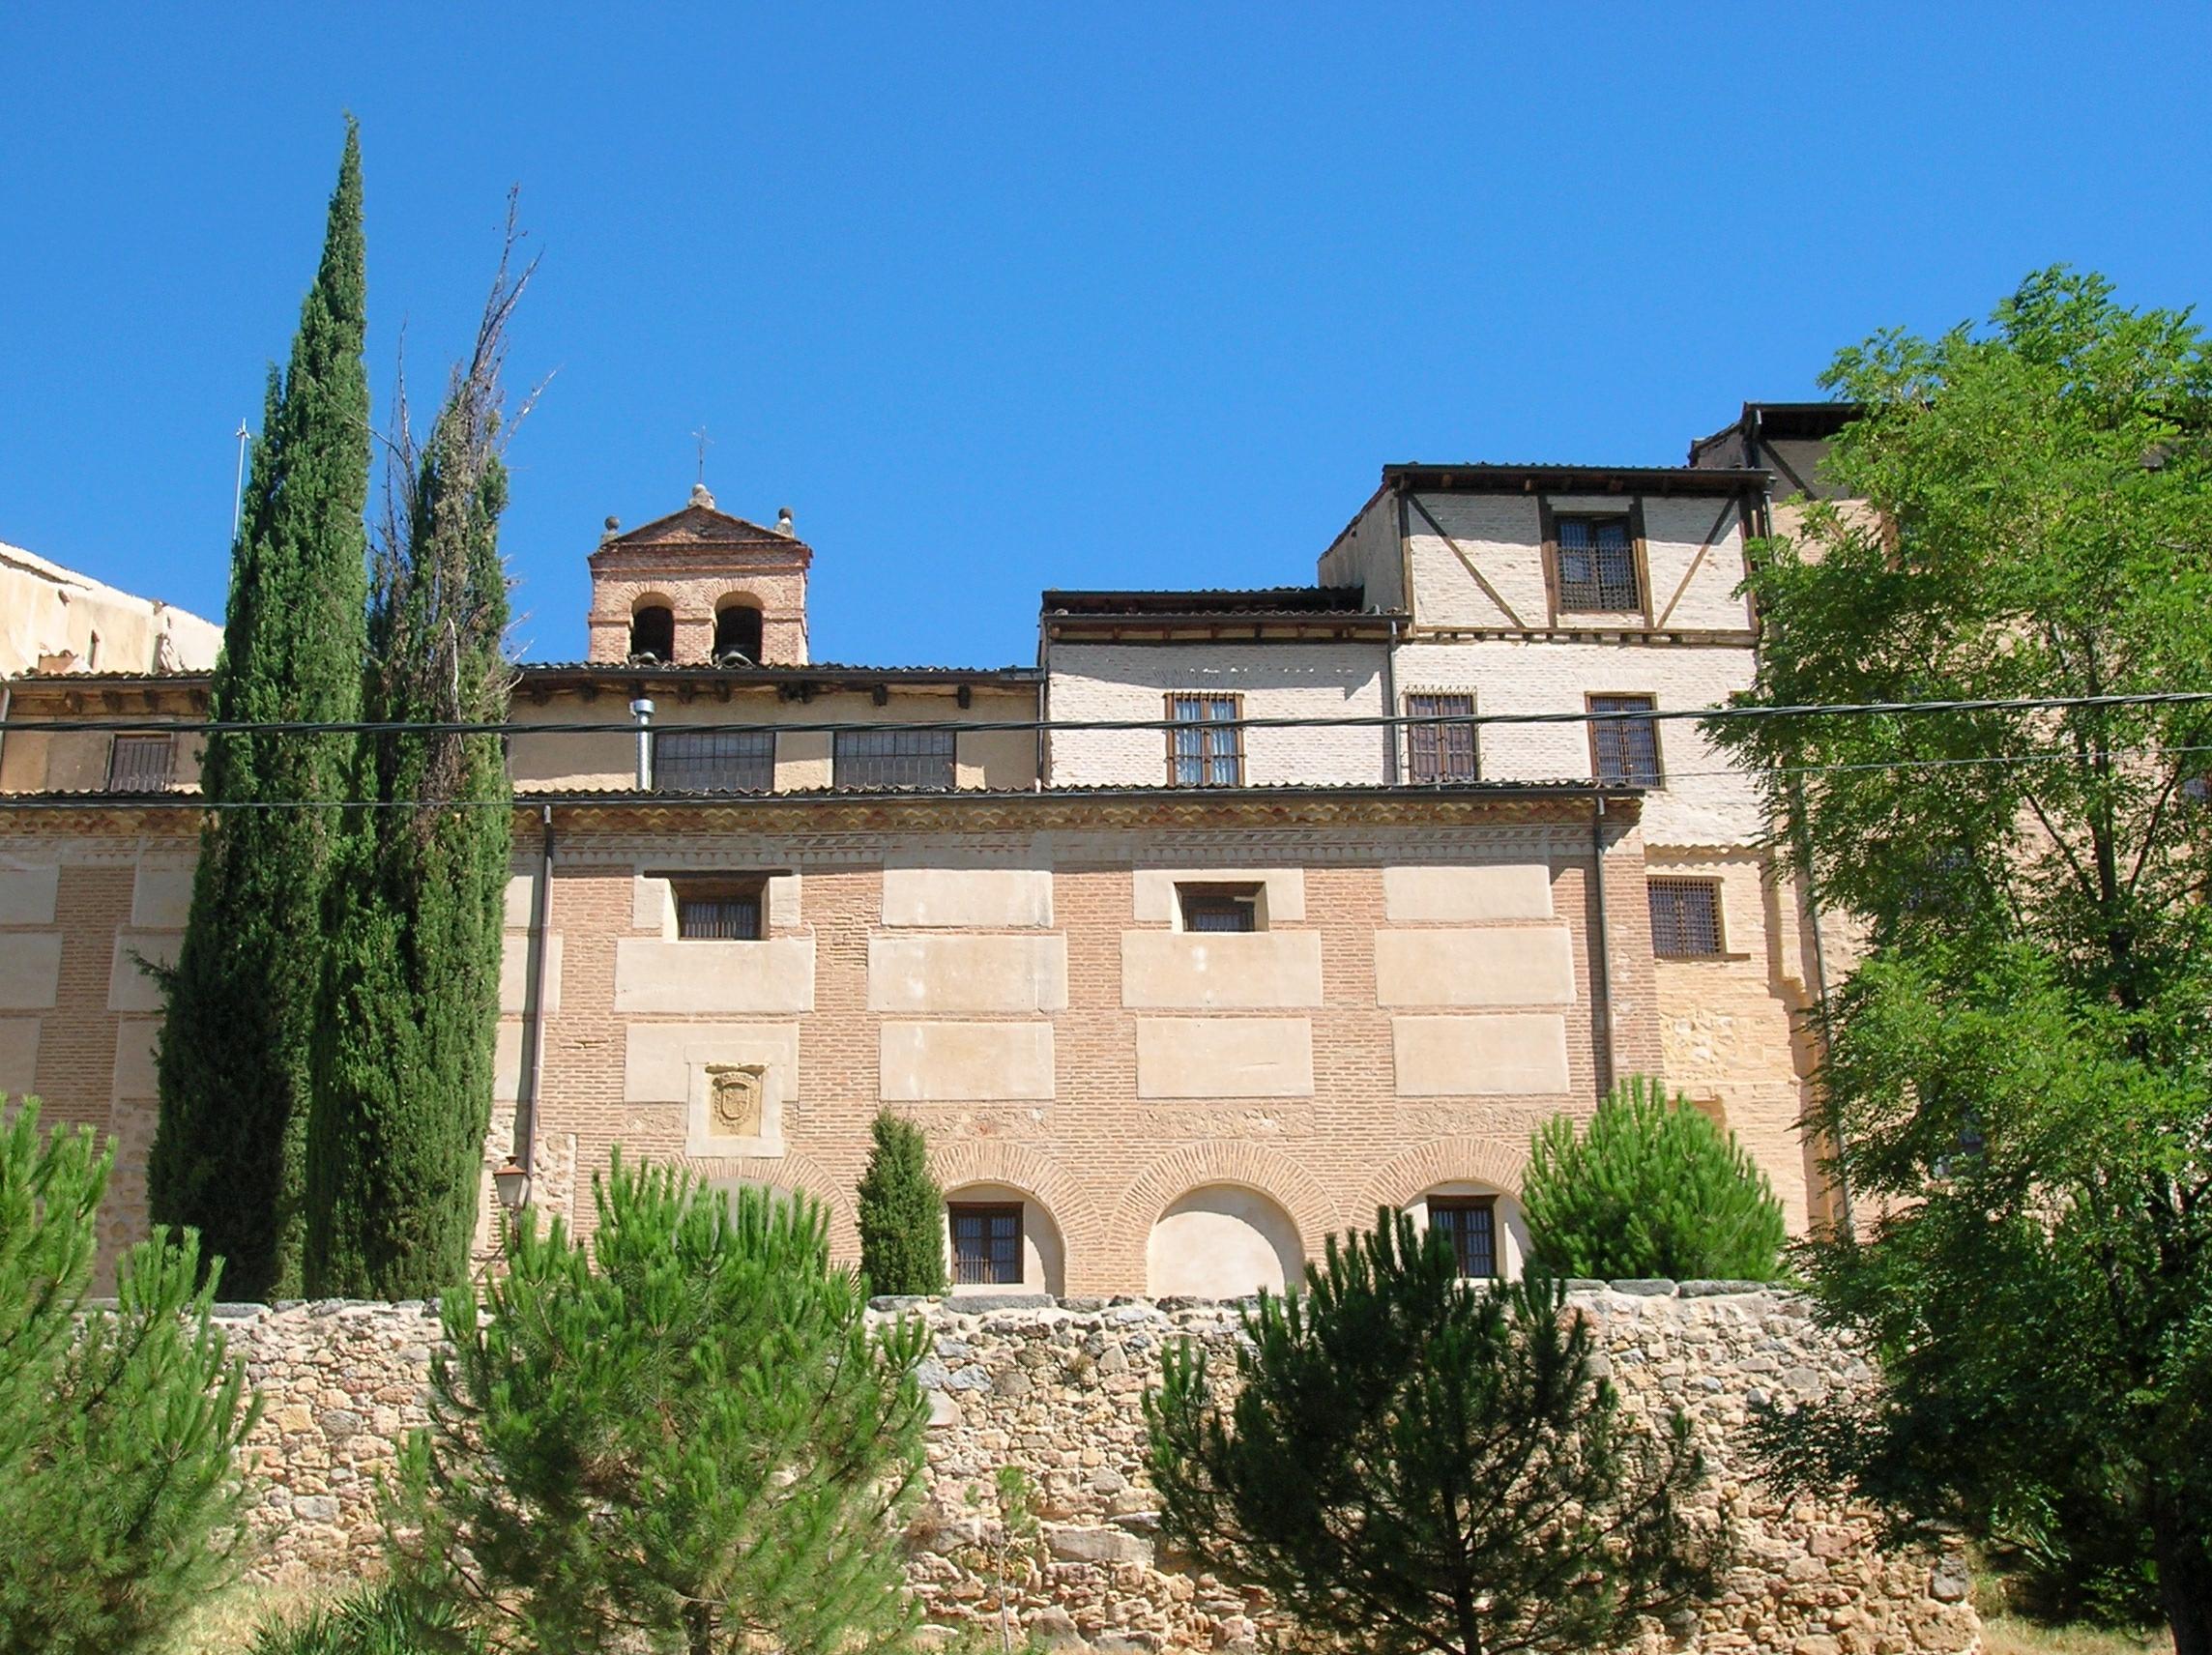 Segovia_-_Monasterio_de_San_Vicente_el_Real_01